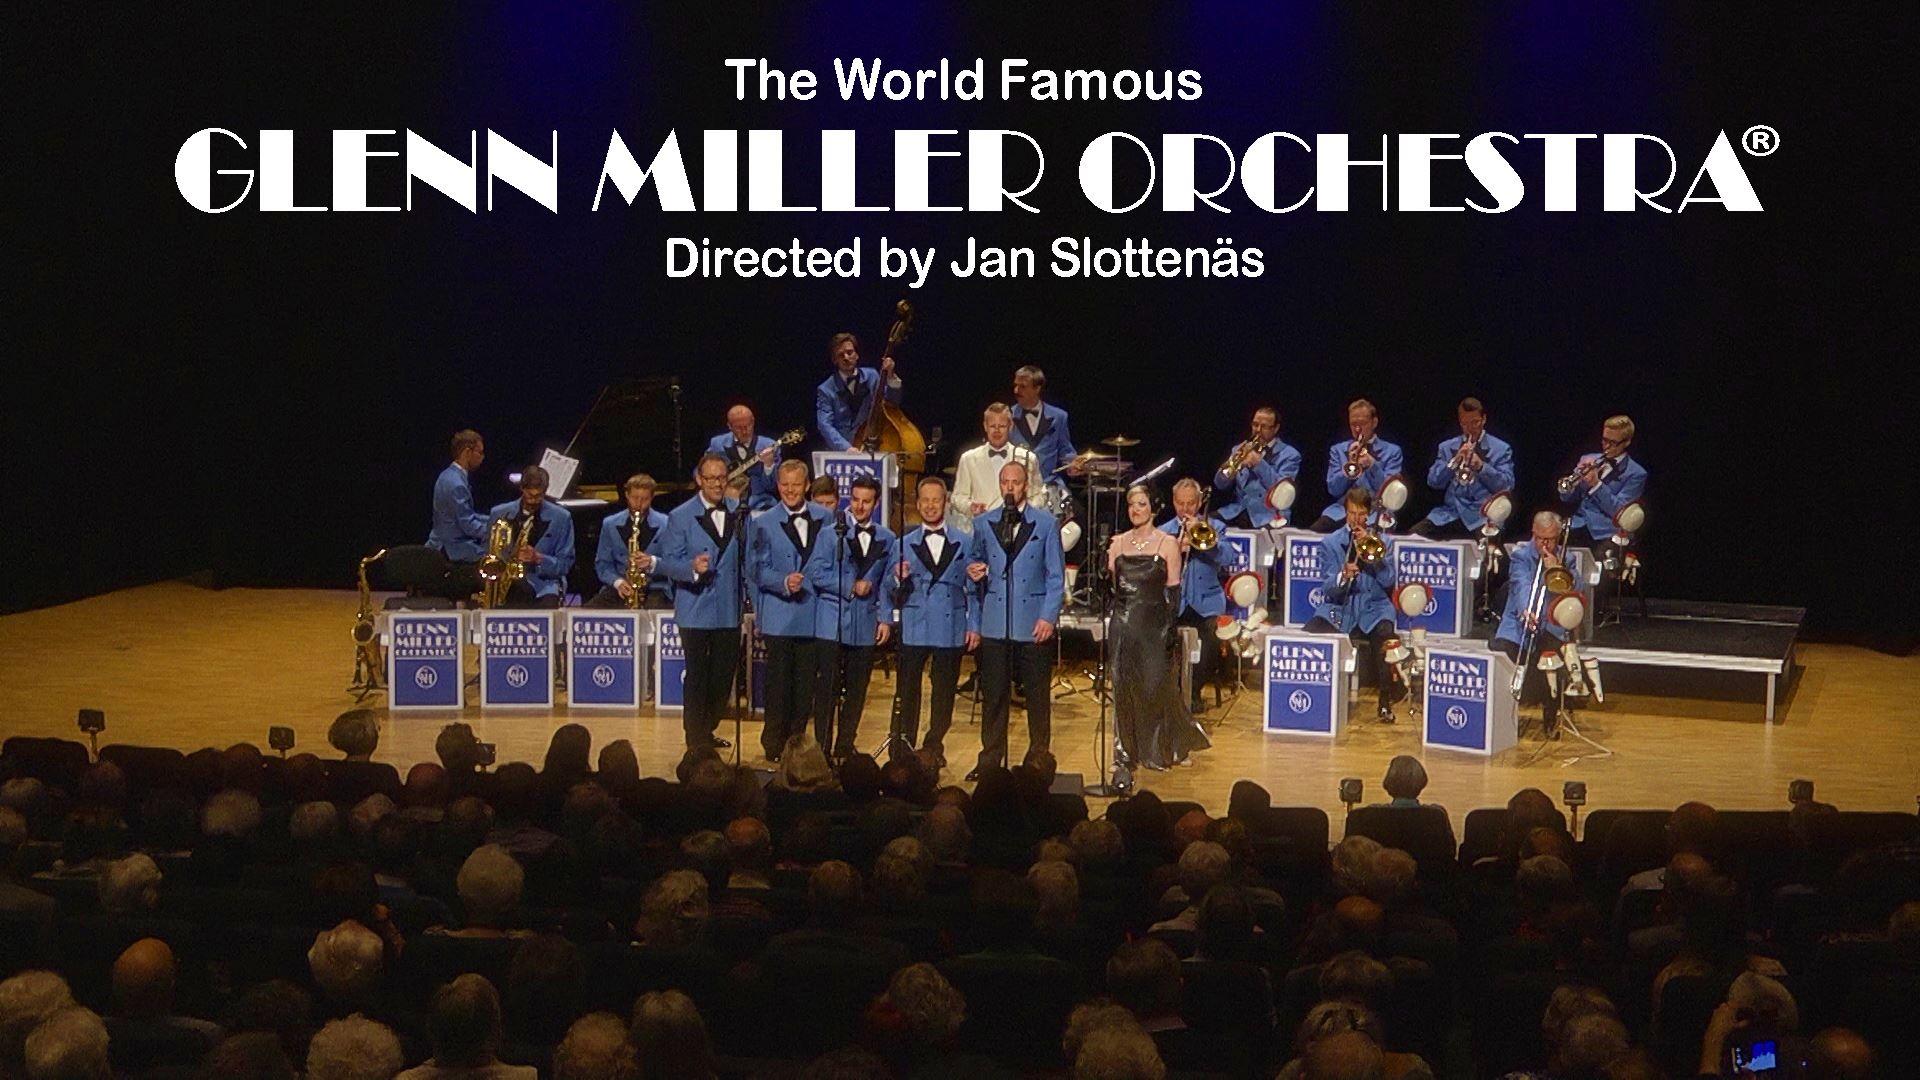 Foto: Glenn Miller Orchestra,  © Copy: Glenn Miller Orchestra, Glenn Miller Orchestra - A Tribute To The Great Big Bands